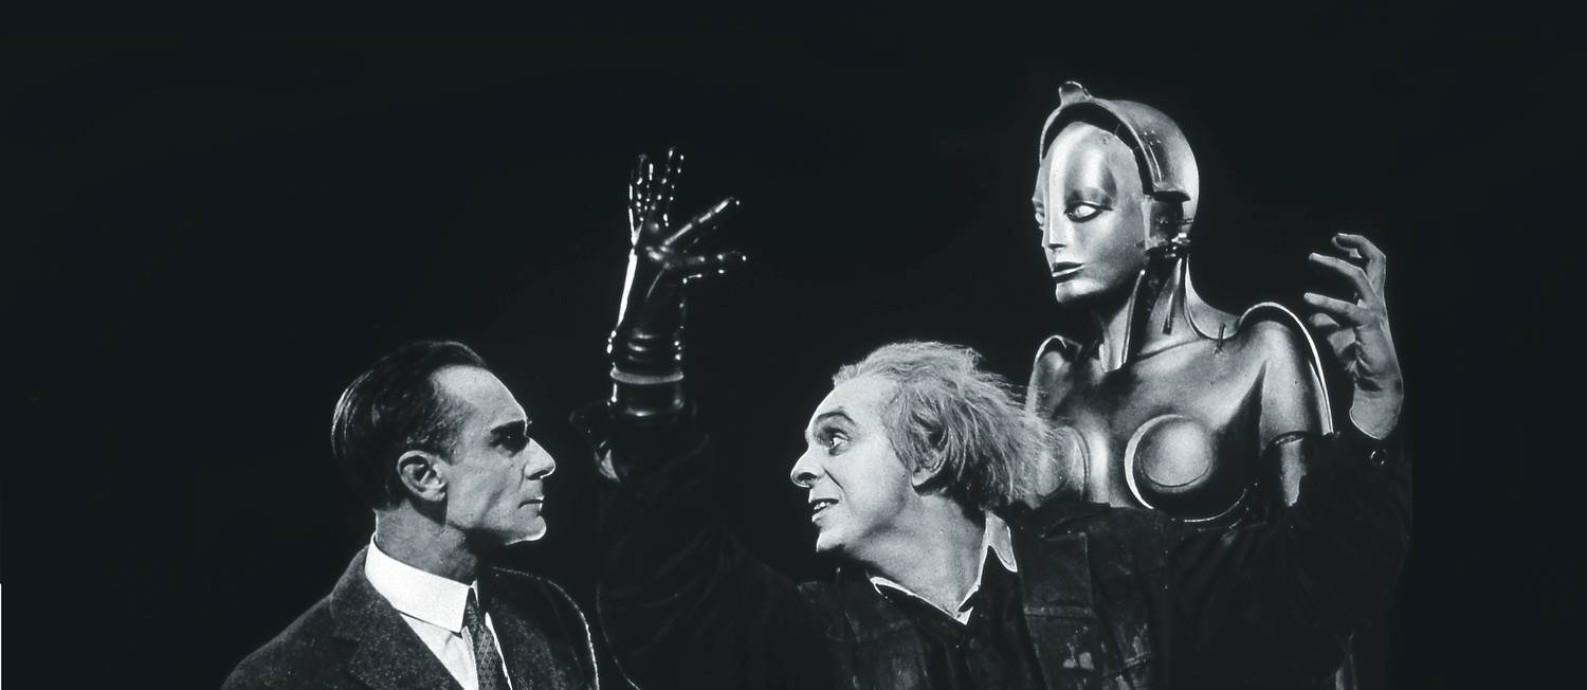 """Personagens do filme """"Metrópolis"""" (1927), do alemão Fritz Lang, ao lado do robô em forma feminina Maschinenmensch (máquina-humana), que se volta contra seu criador, um tema recorrente na ficção científica. Foto: Collection Christophel / © 1927 Universum film"""